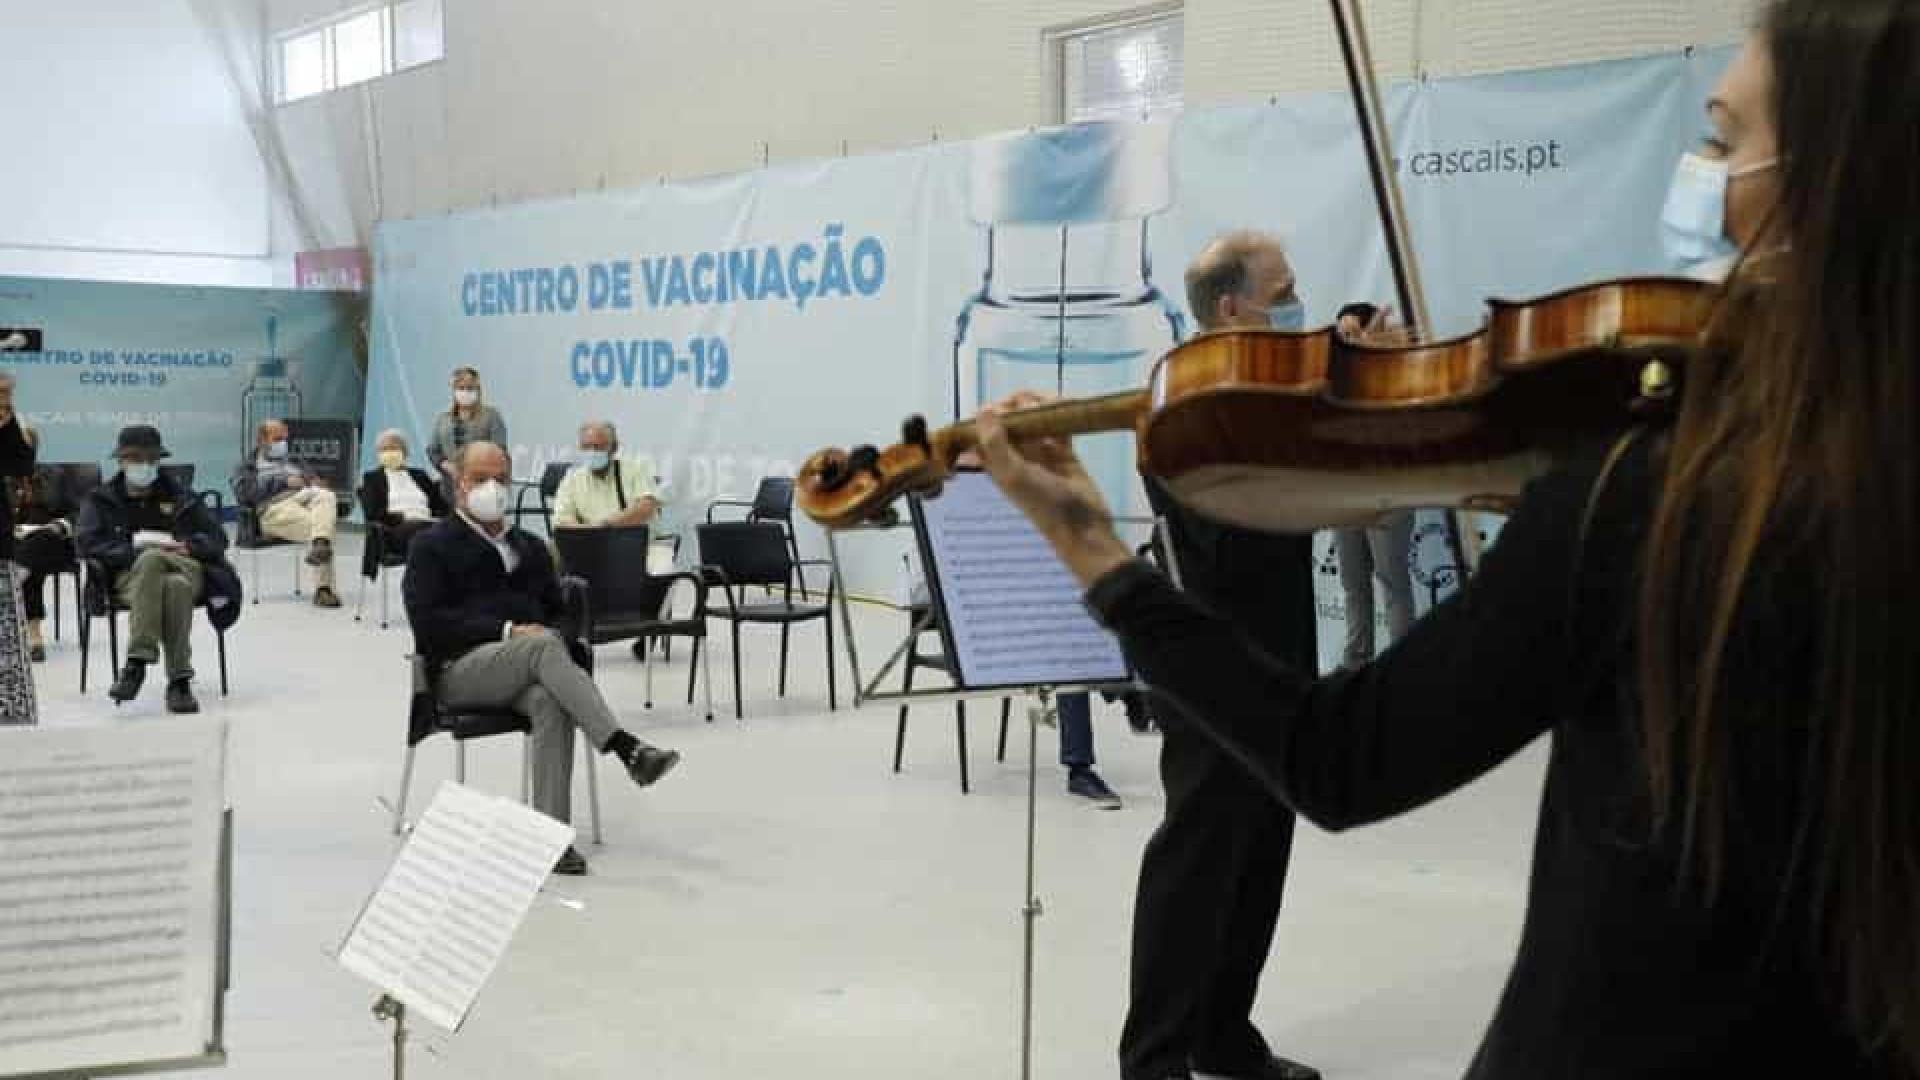 Cascais. Centro de vacinação recebe concerto surpresa de música clássica